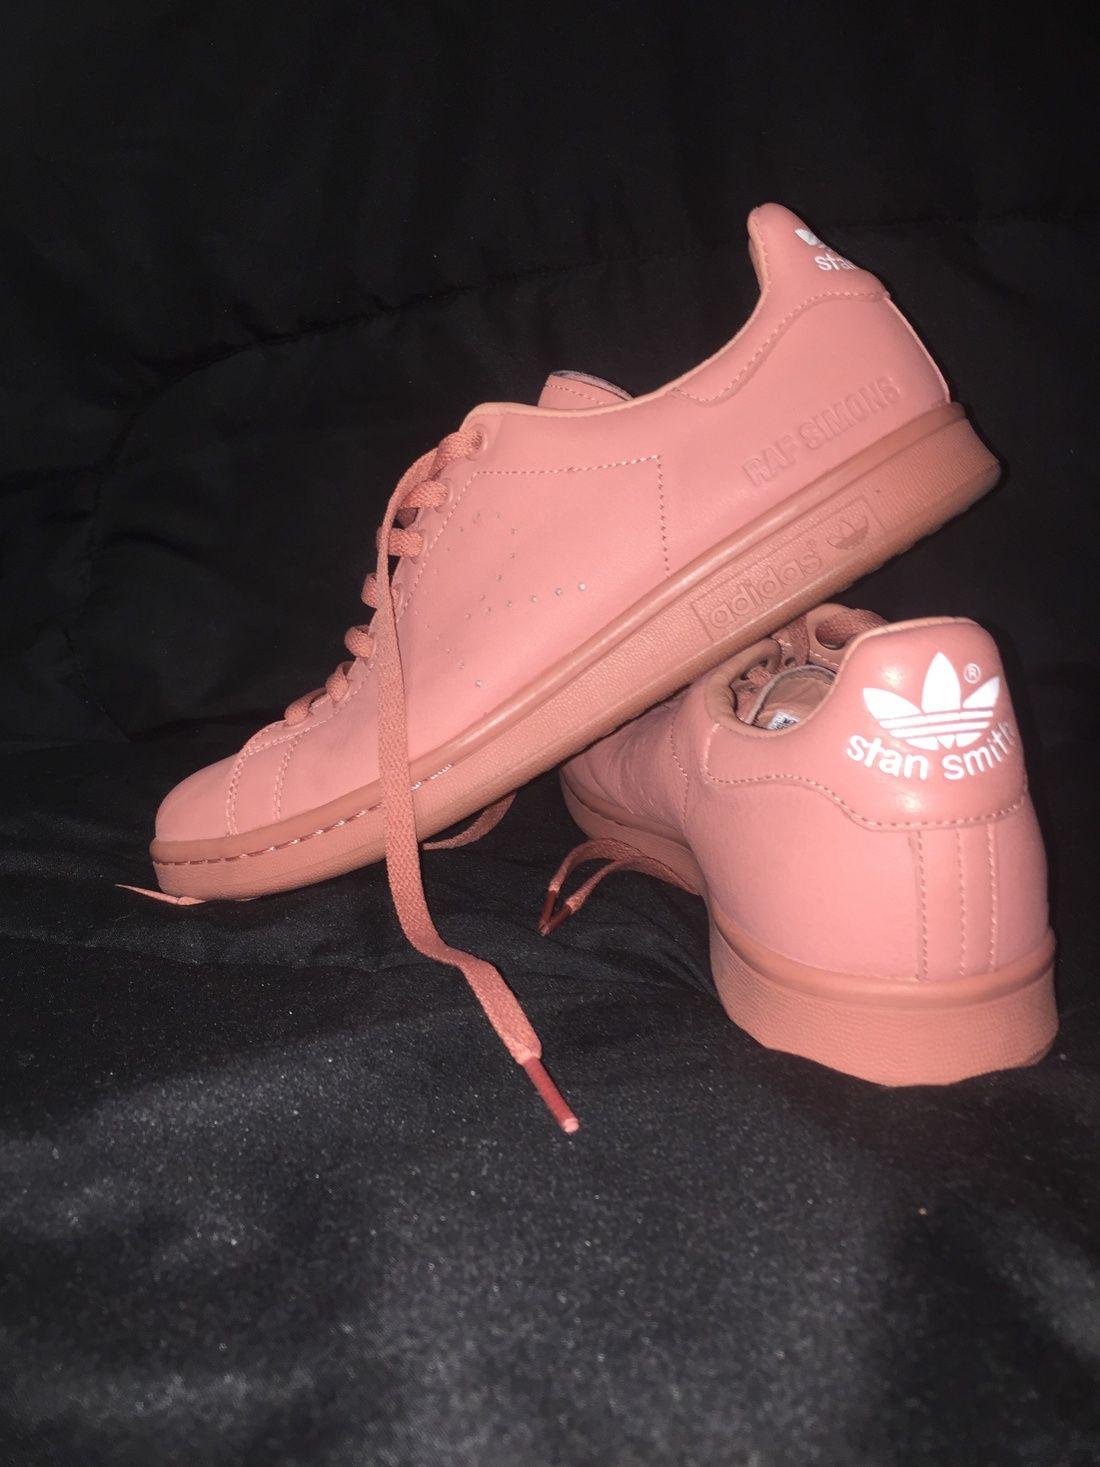 Raf Simons Raf Simons Adidas Leather Size 9 $275 - Grailed